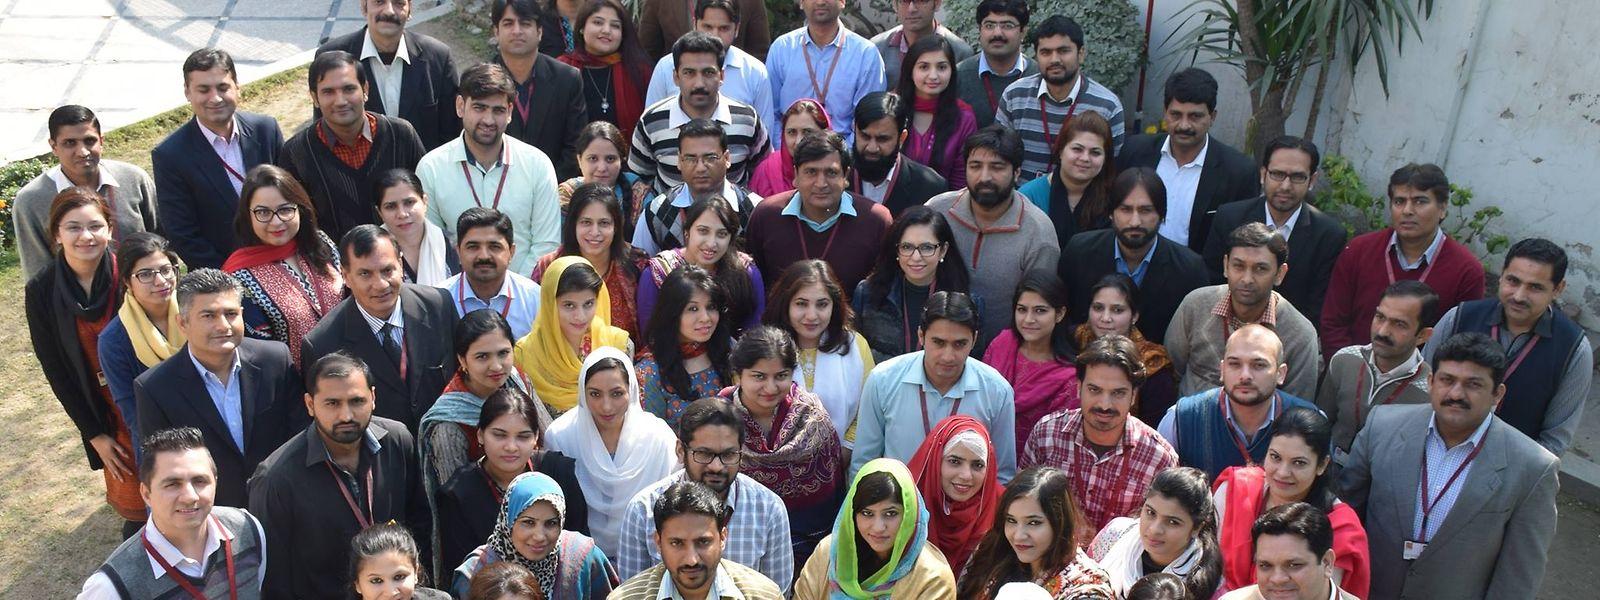 L'équipe de la Kashf Foundation au Pakistan est en lice